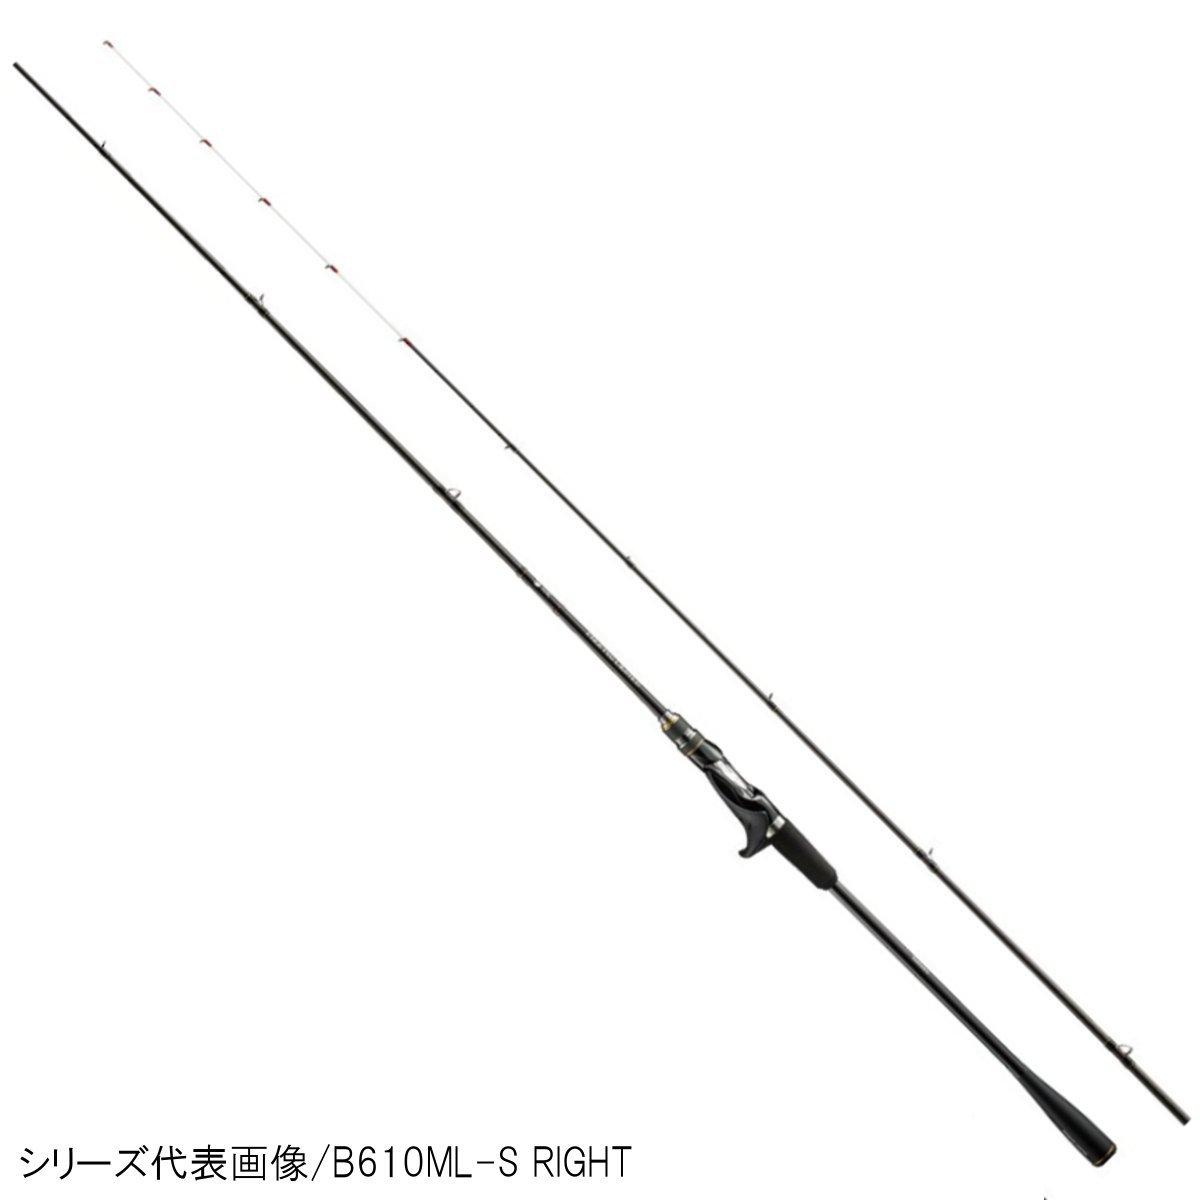 シマノ 炎月 リミテッド B610M-S LEFT【大型商品】【送料無料】